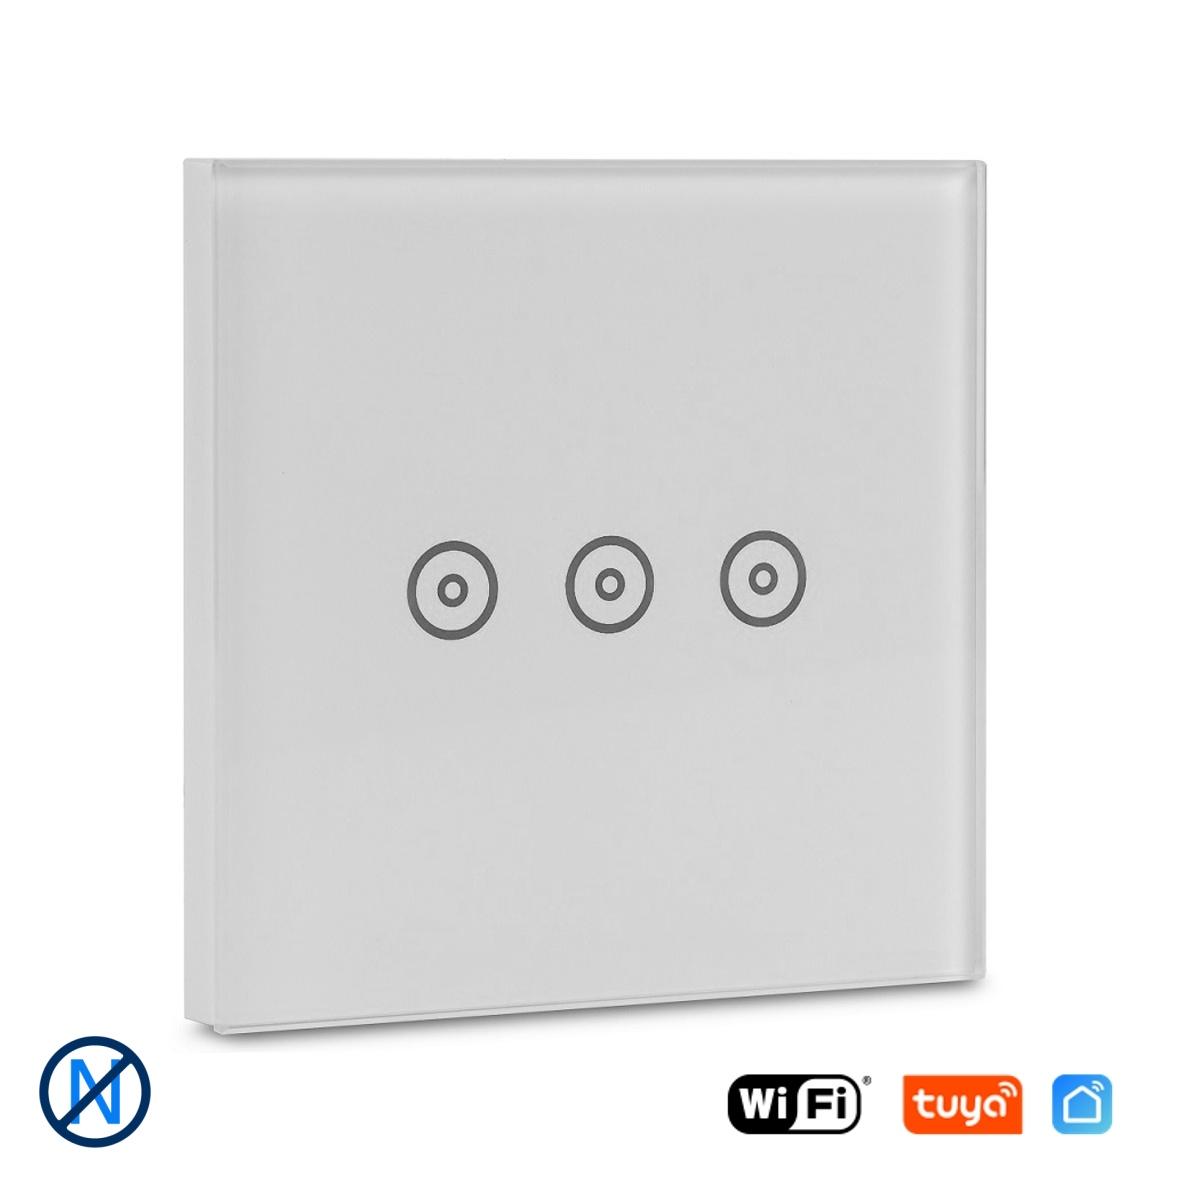 """Třítlačítkový WiFi vypínač bez """"nuly"""" - Tuya"""